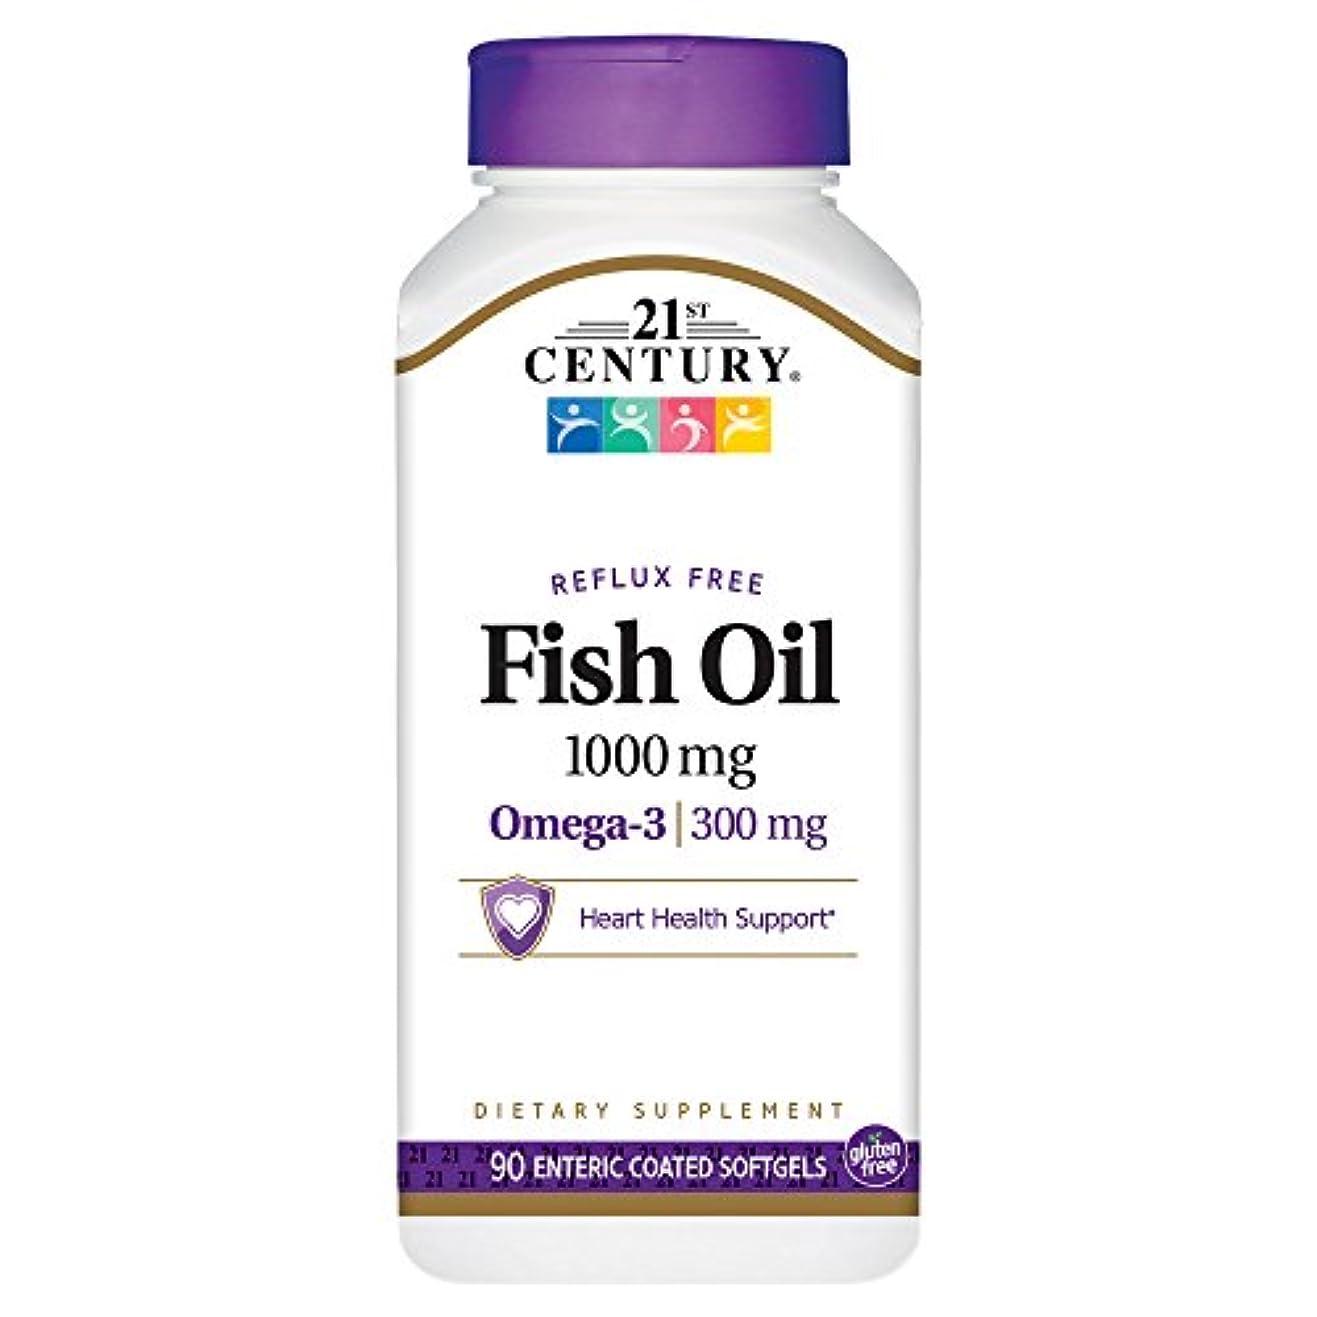 幸運なことに助けになるブロックする21st Century Health Care, Fish Oil, 1000 mg, 90 Enteric Coated Softgels